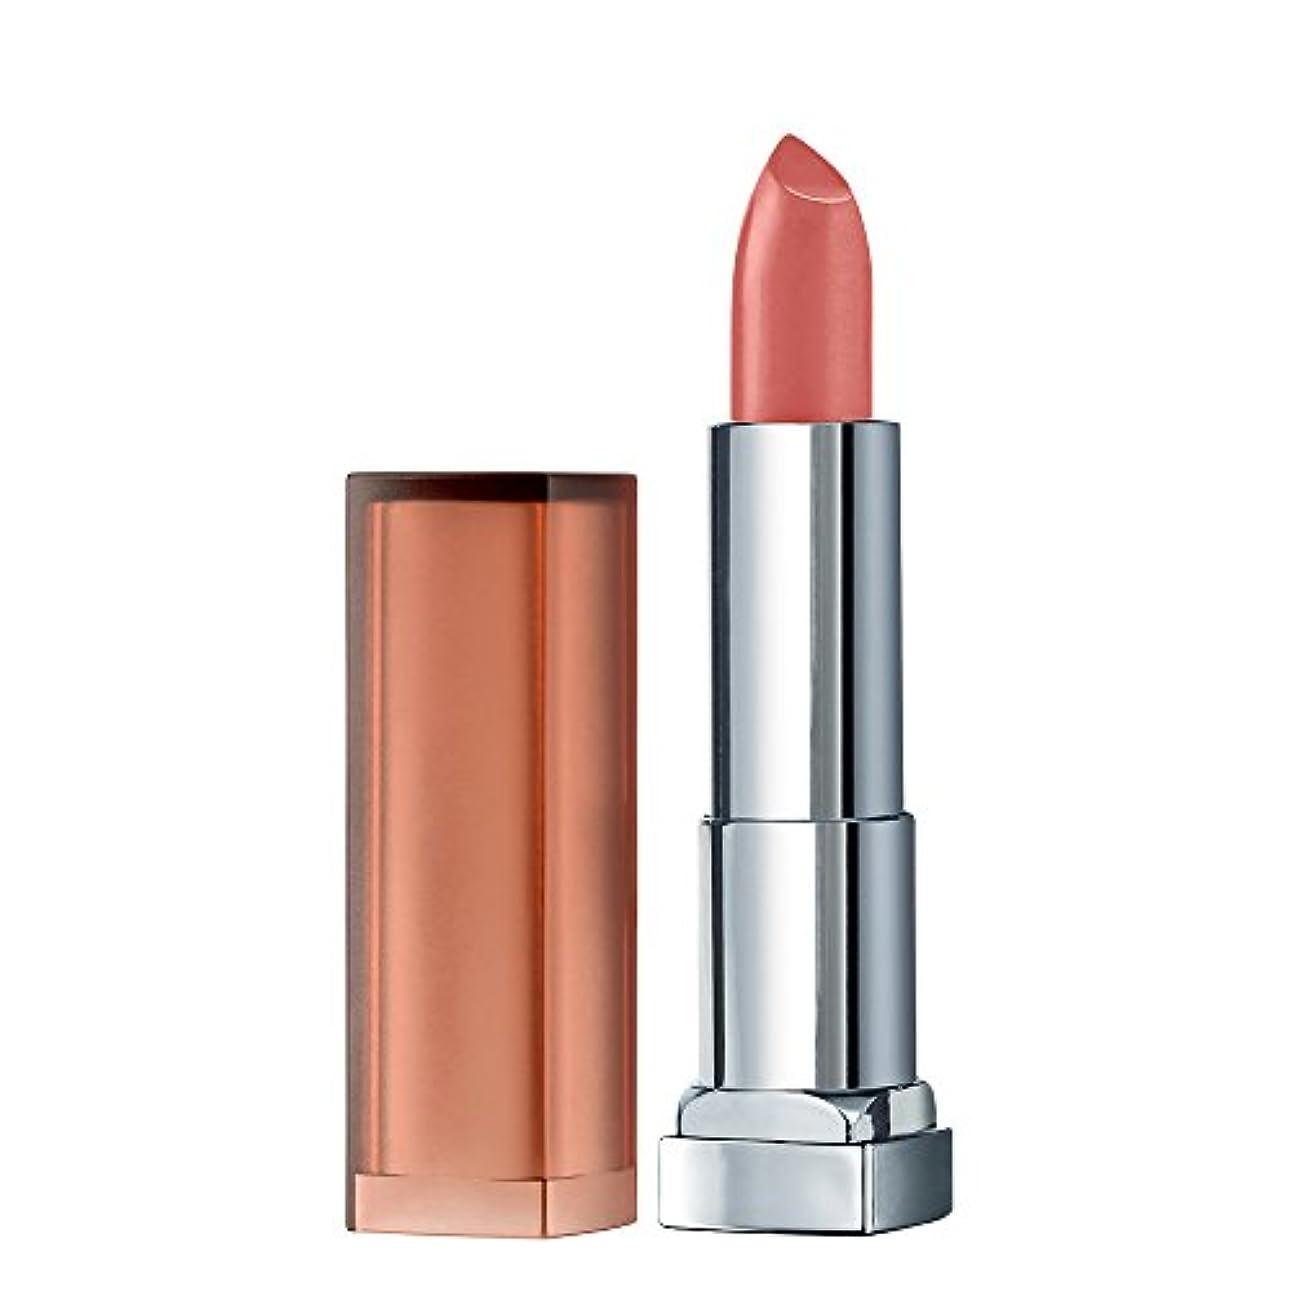 努力する化粧とんでもないメイベリン カラーセンセーショナル リップスティック インティマットコレクション MNU 10 ピンクベージュ